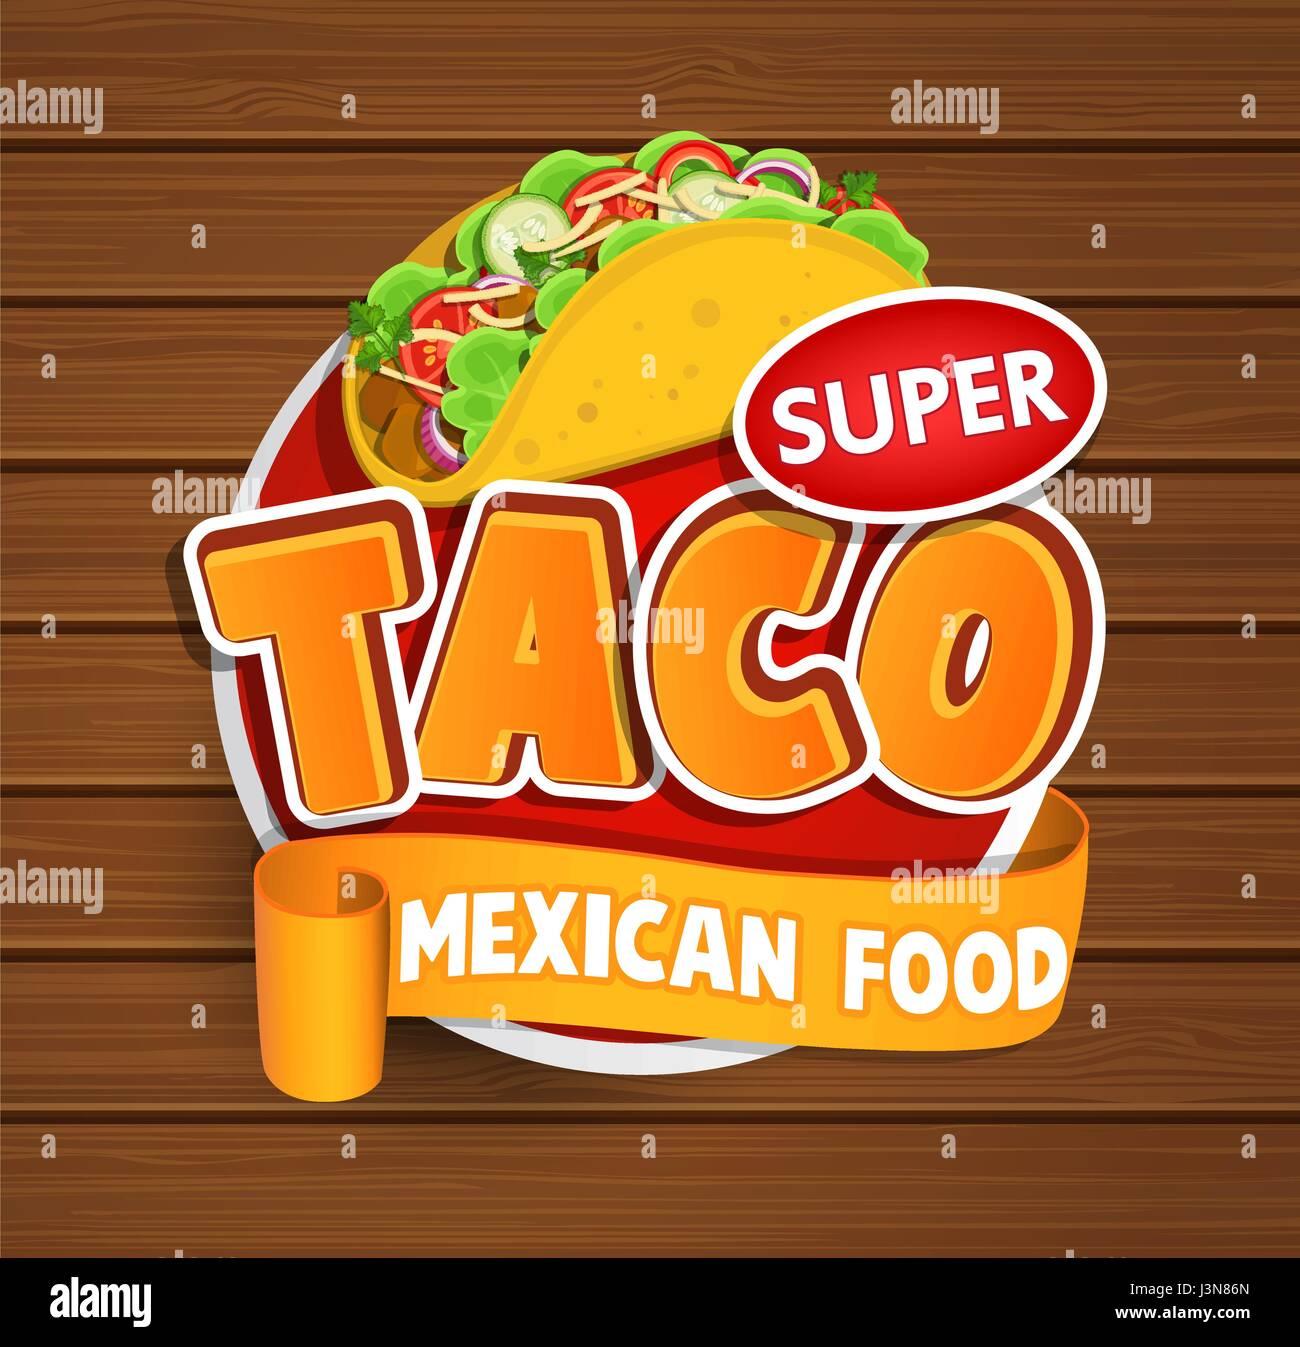 Taco mexikanisches Essen Logo und Lebensmittel Etiketten oder ...